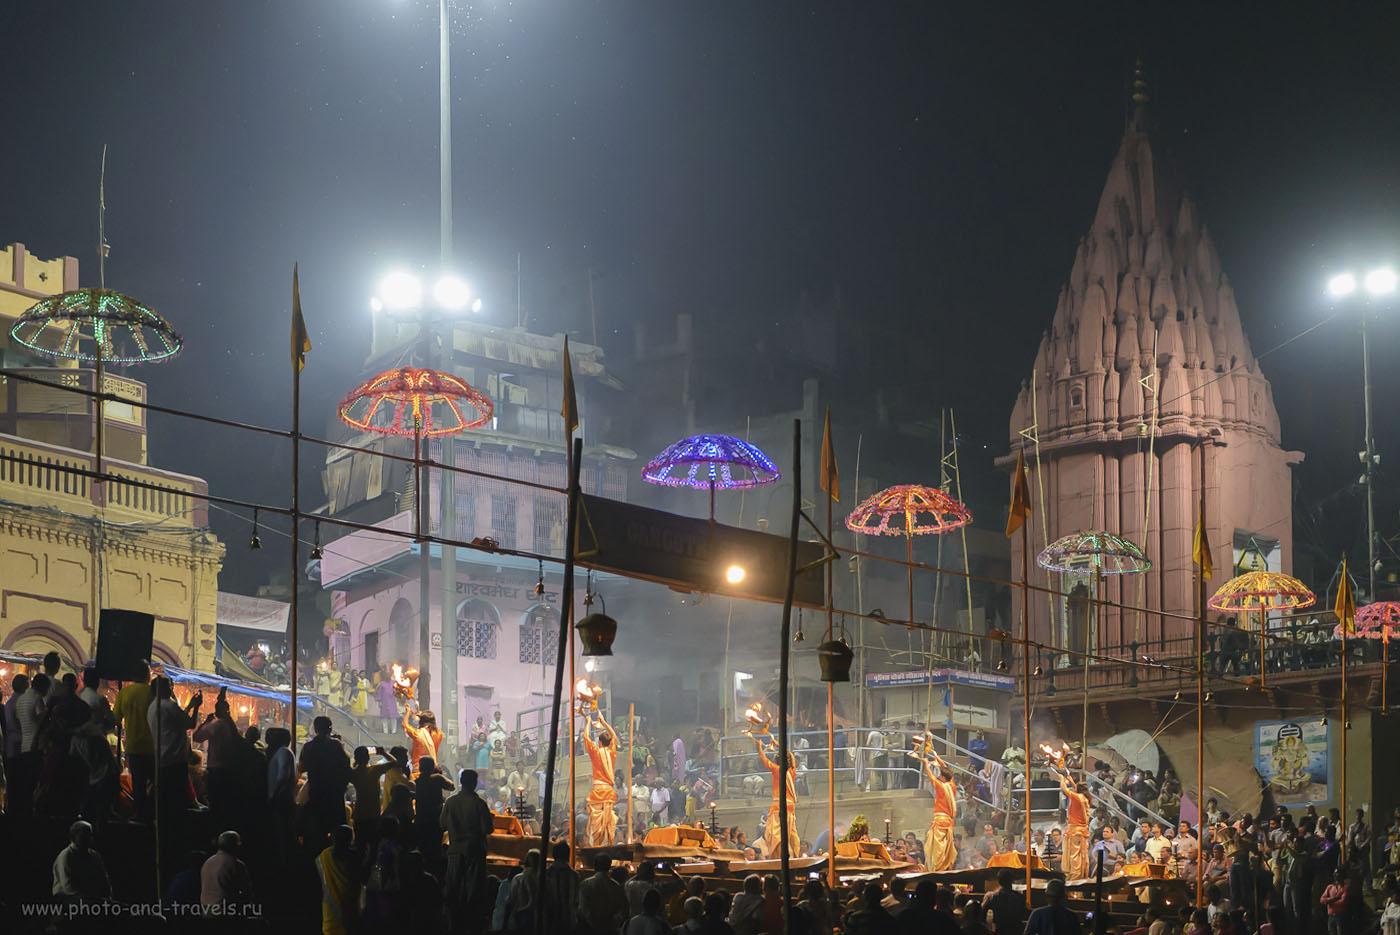 Фото 28. Что посмотреть в Варанаси вечером? Обязательно сходите на Дашашвамедх гхат, чтобы увидеть зрелищный ритуал Ганга Маха Аарти(GangaMahaAarti). 1/160, 2.8, 6400, 70. Вот еще пример, когда пригодился светосильный объектив Nikon 24-70/2.8 и малошумная матрица полнокадровой камеры Nikon D610.